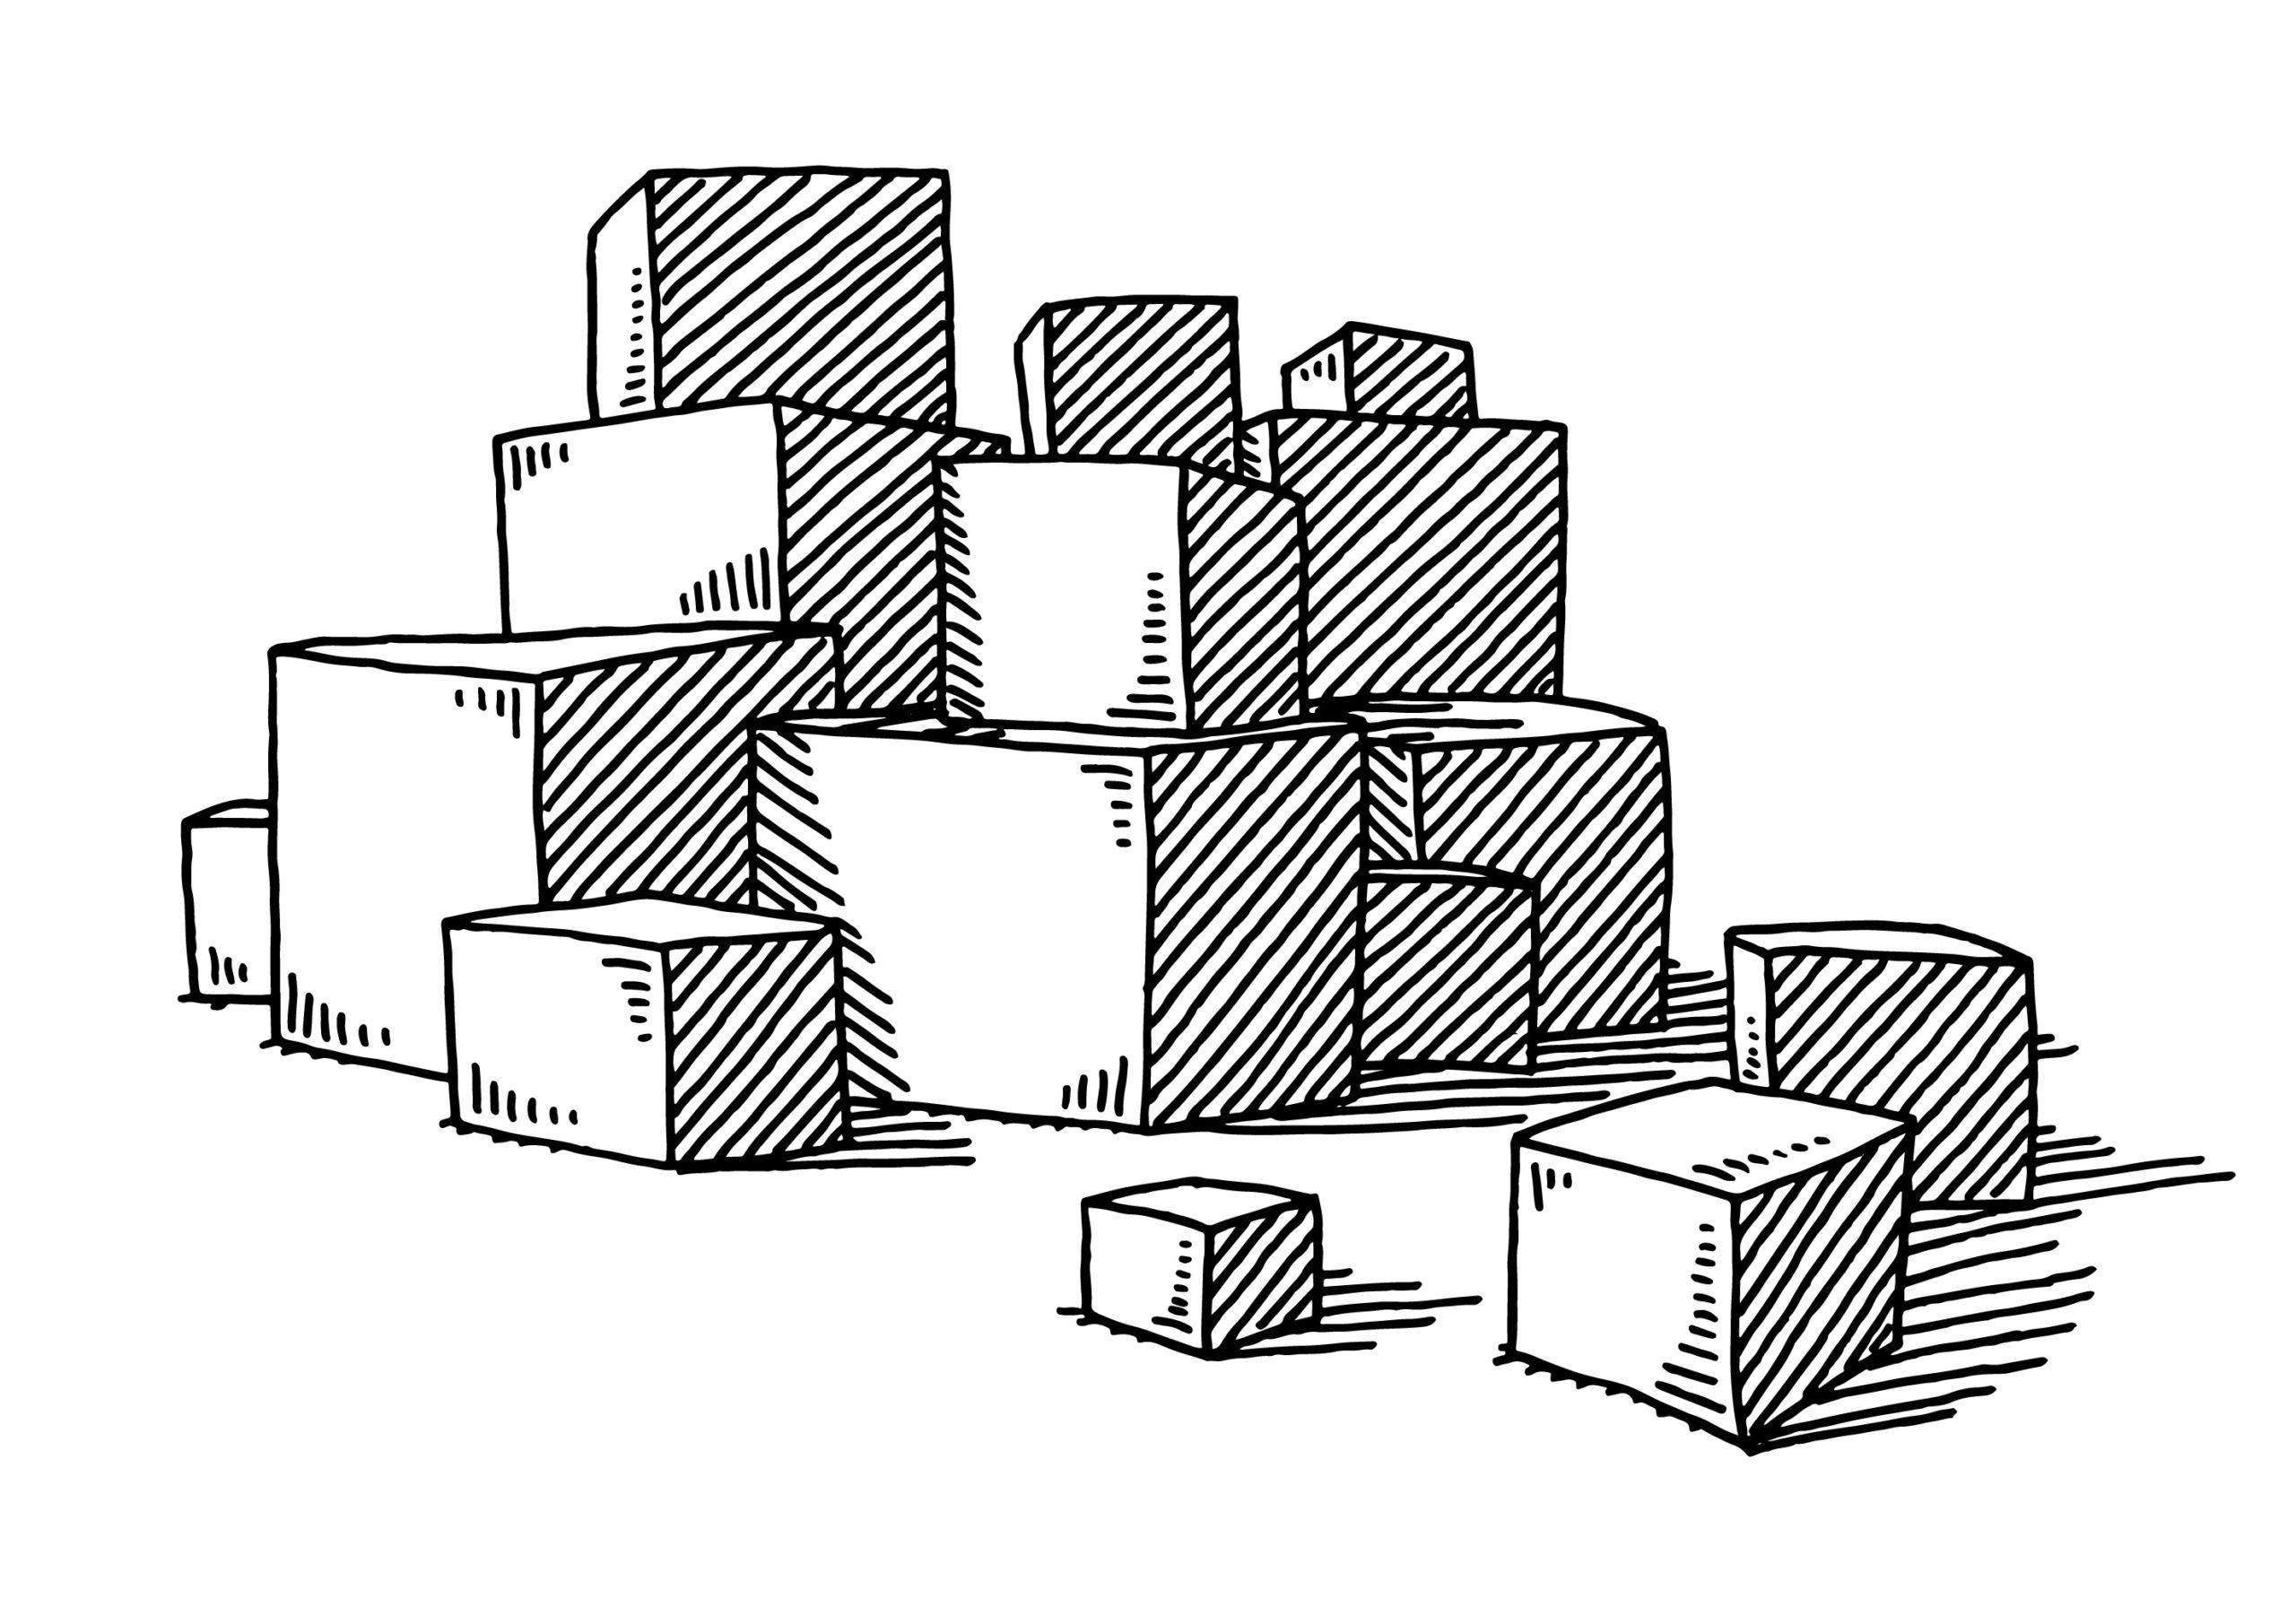 meest gestelde vragen over automatisch verpakken | terugverdientijd